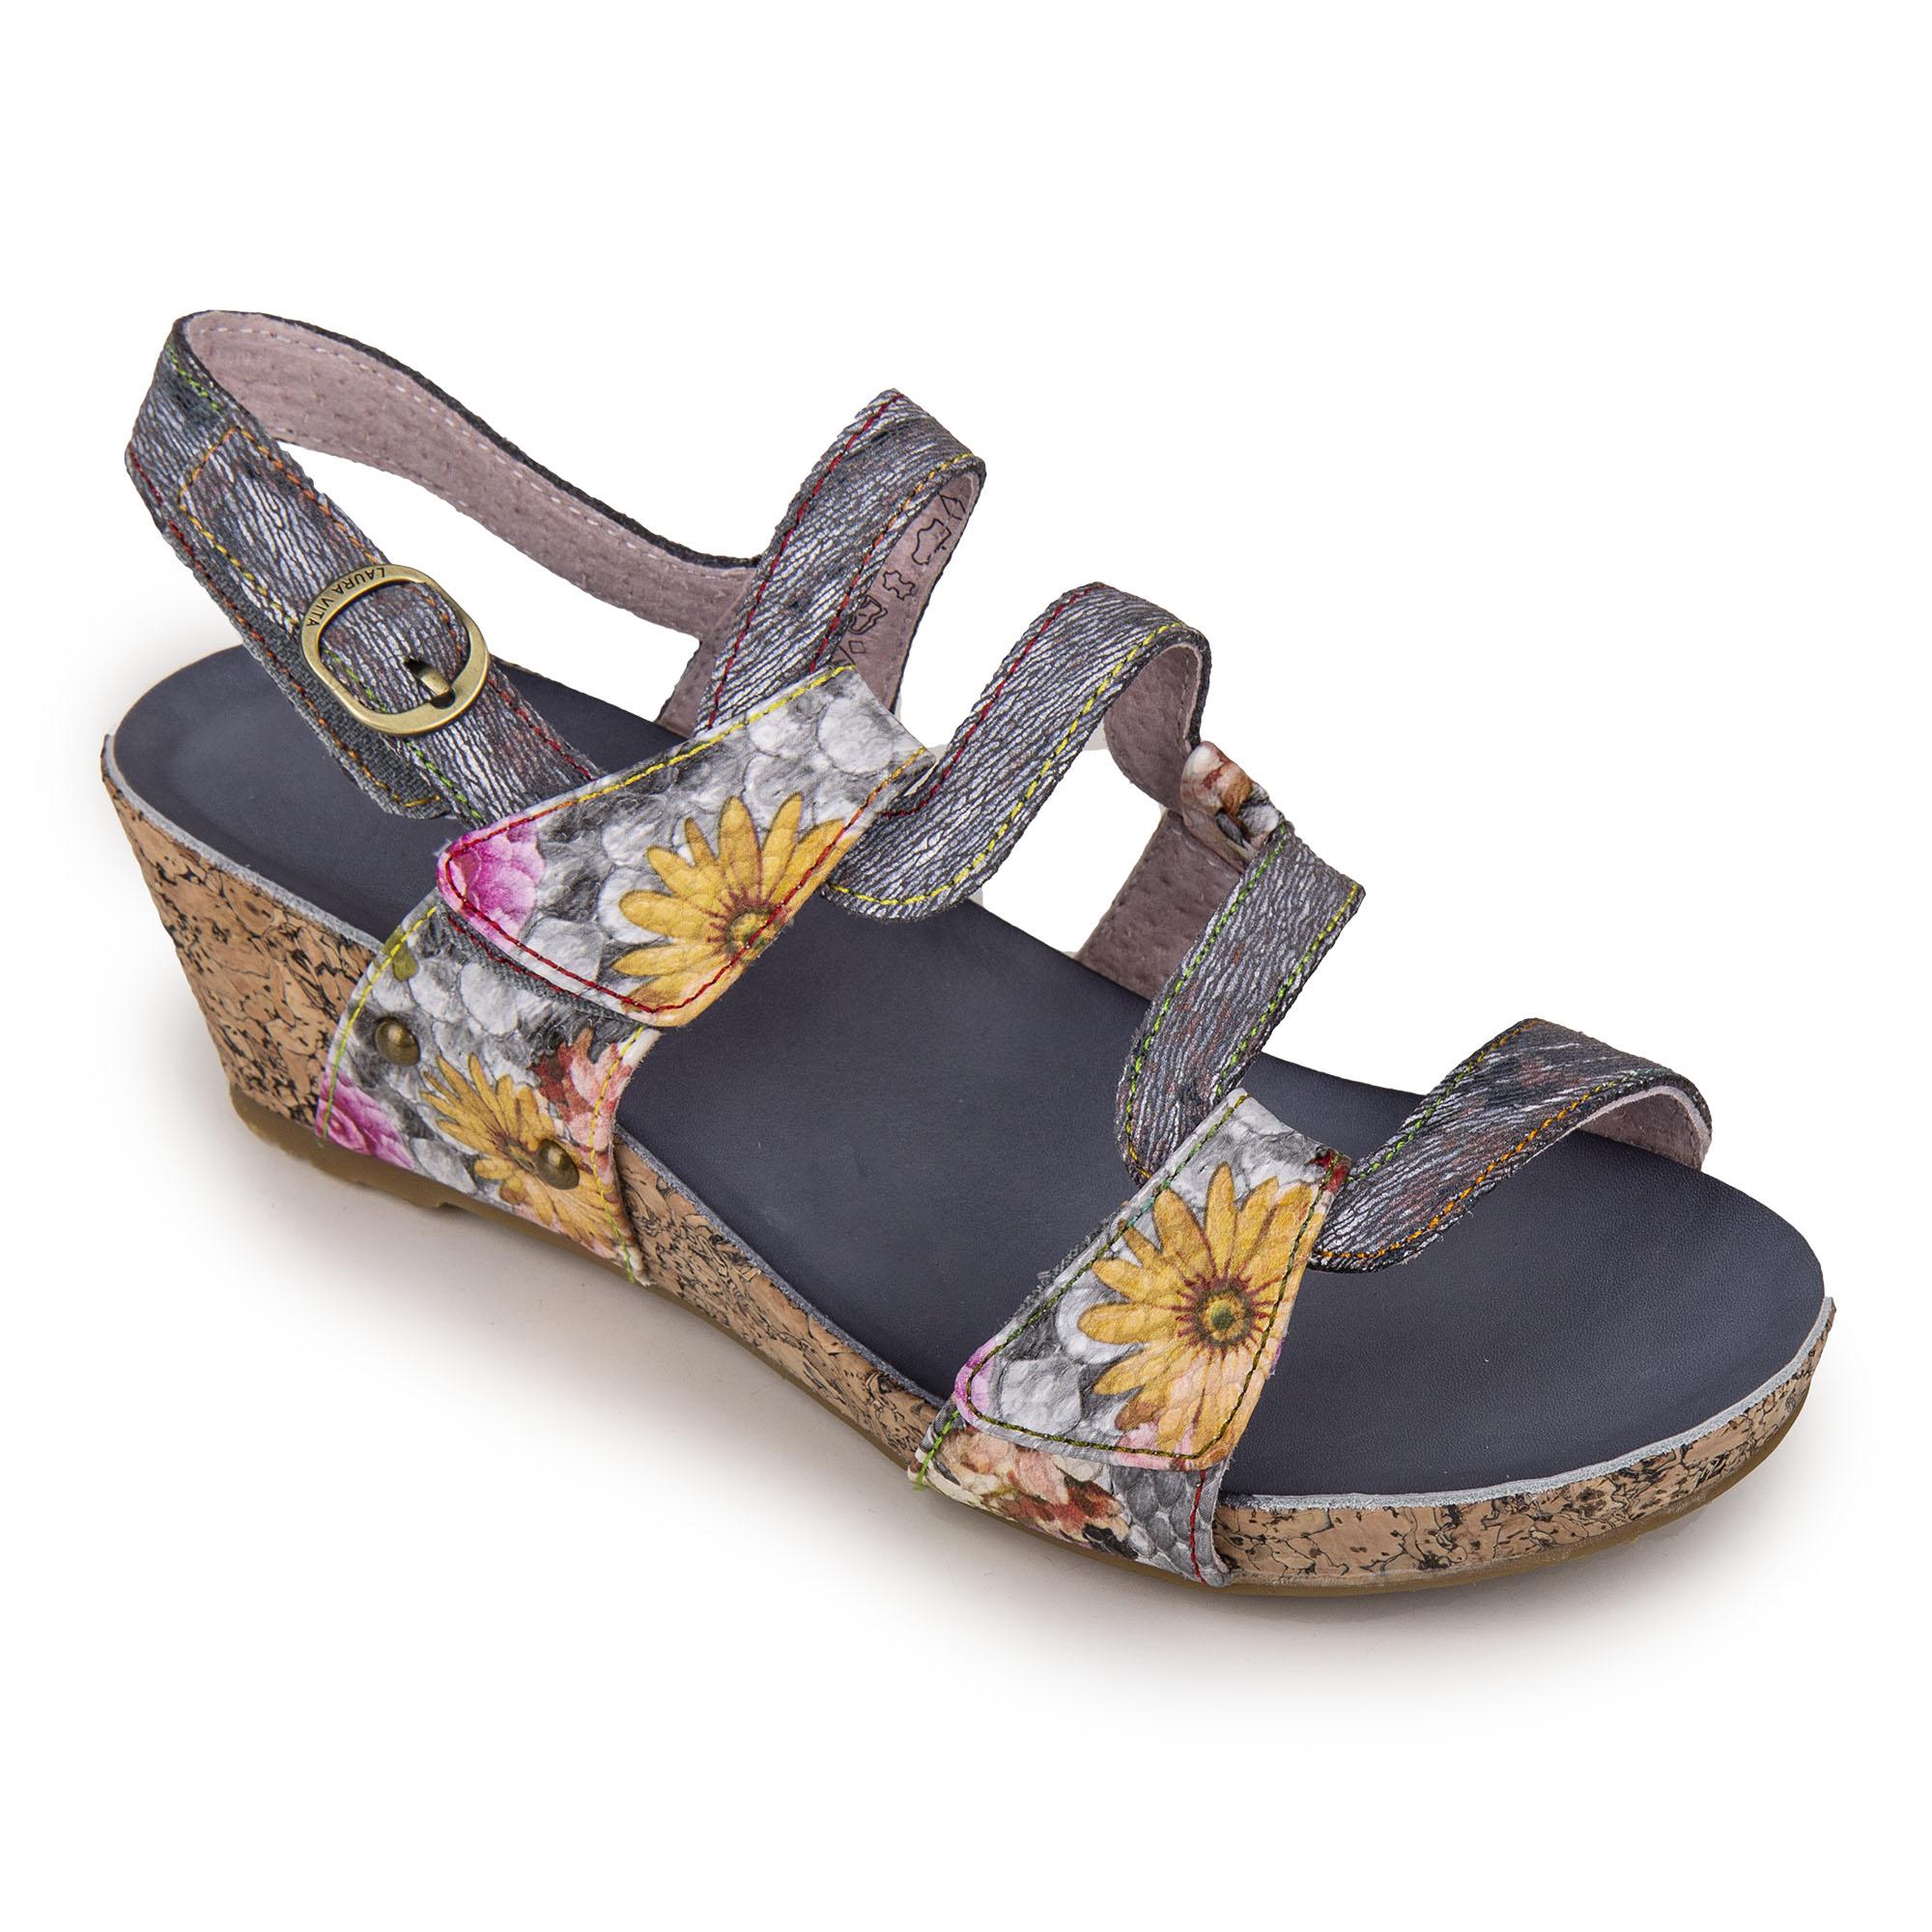 9e635e9c6ee4a1 ... Découvrez cette jolie paire de sandales compensées à motif fleuri pour  femme de la marque LAURA VITA (modèle BECLINDAO 209) à prix dégriffé.